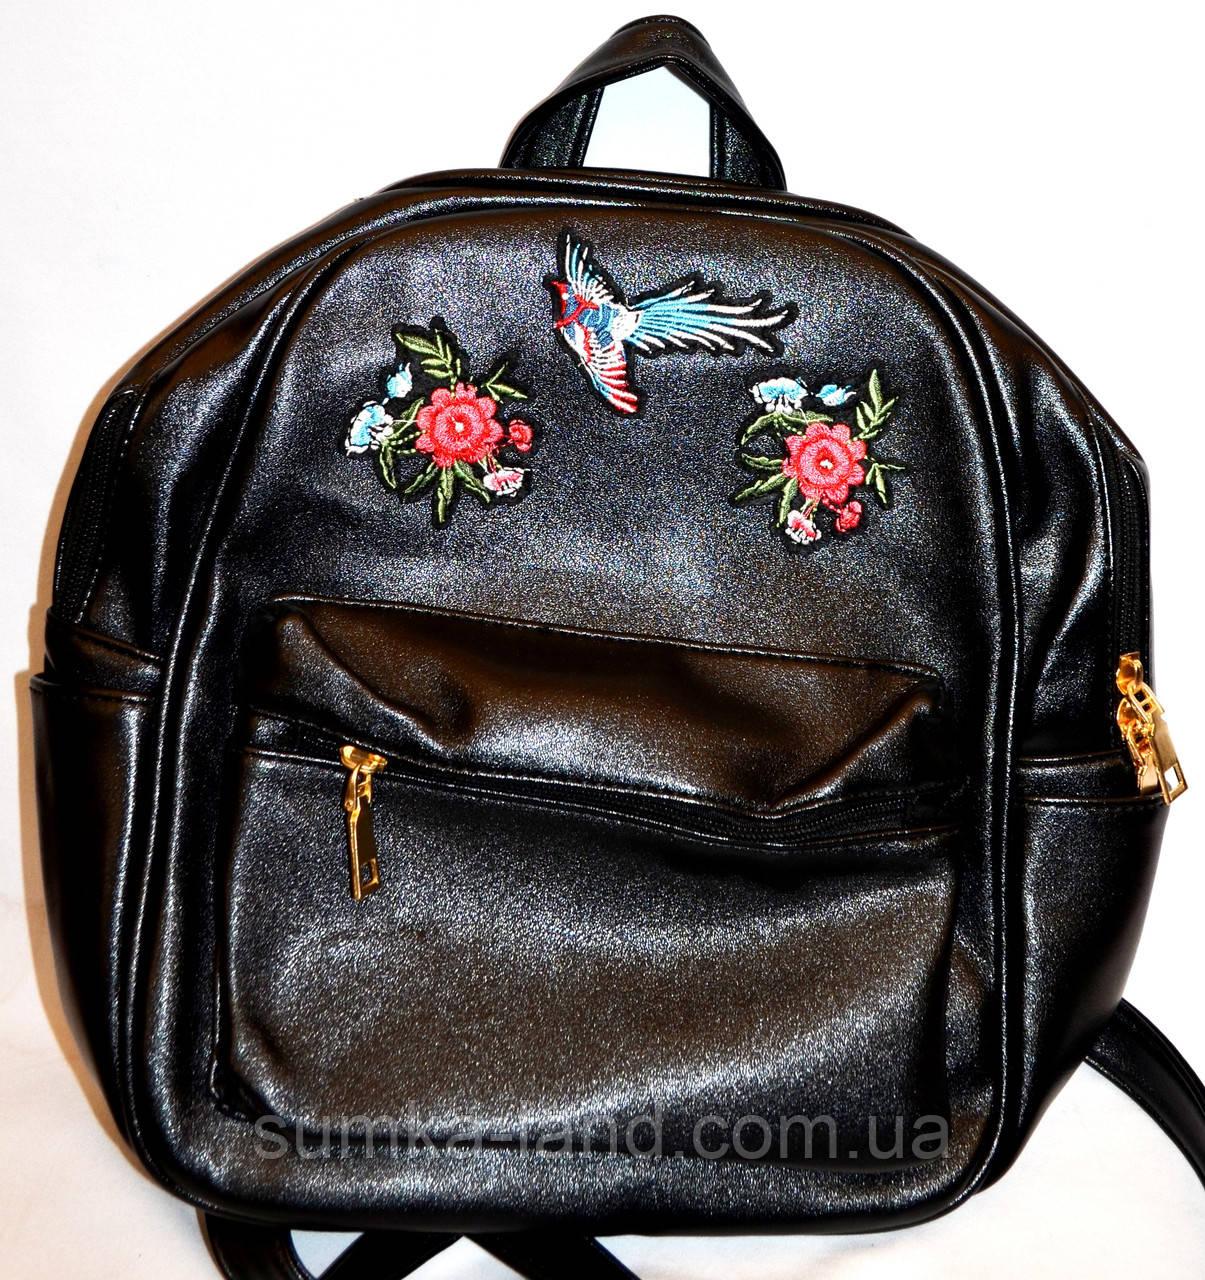 5712be714053 Женский маленький черный рюкзак с вышивкой 25*30 - SUMKA-LAND в Харькове